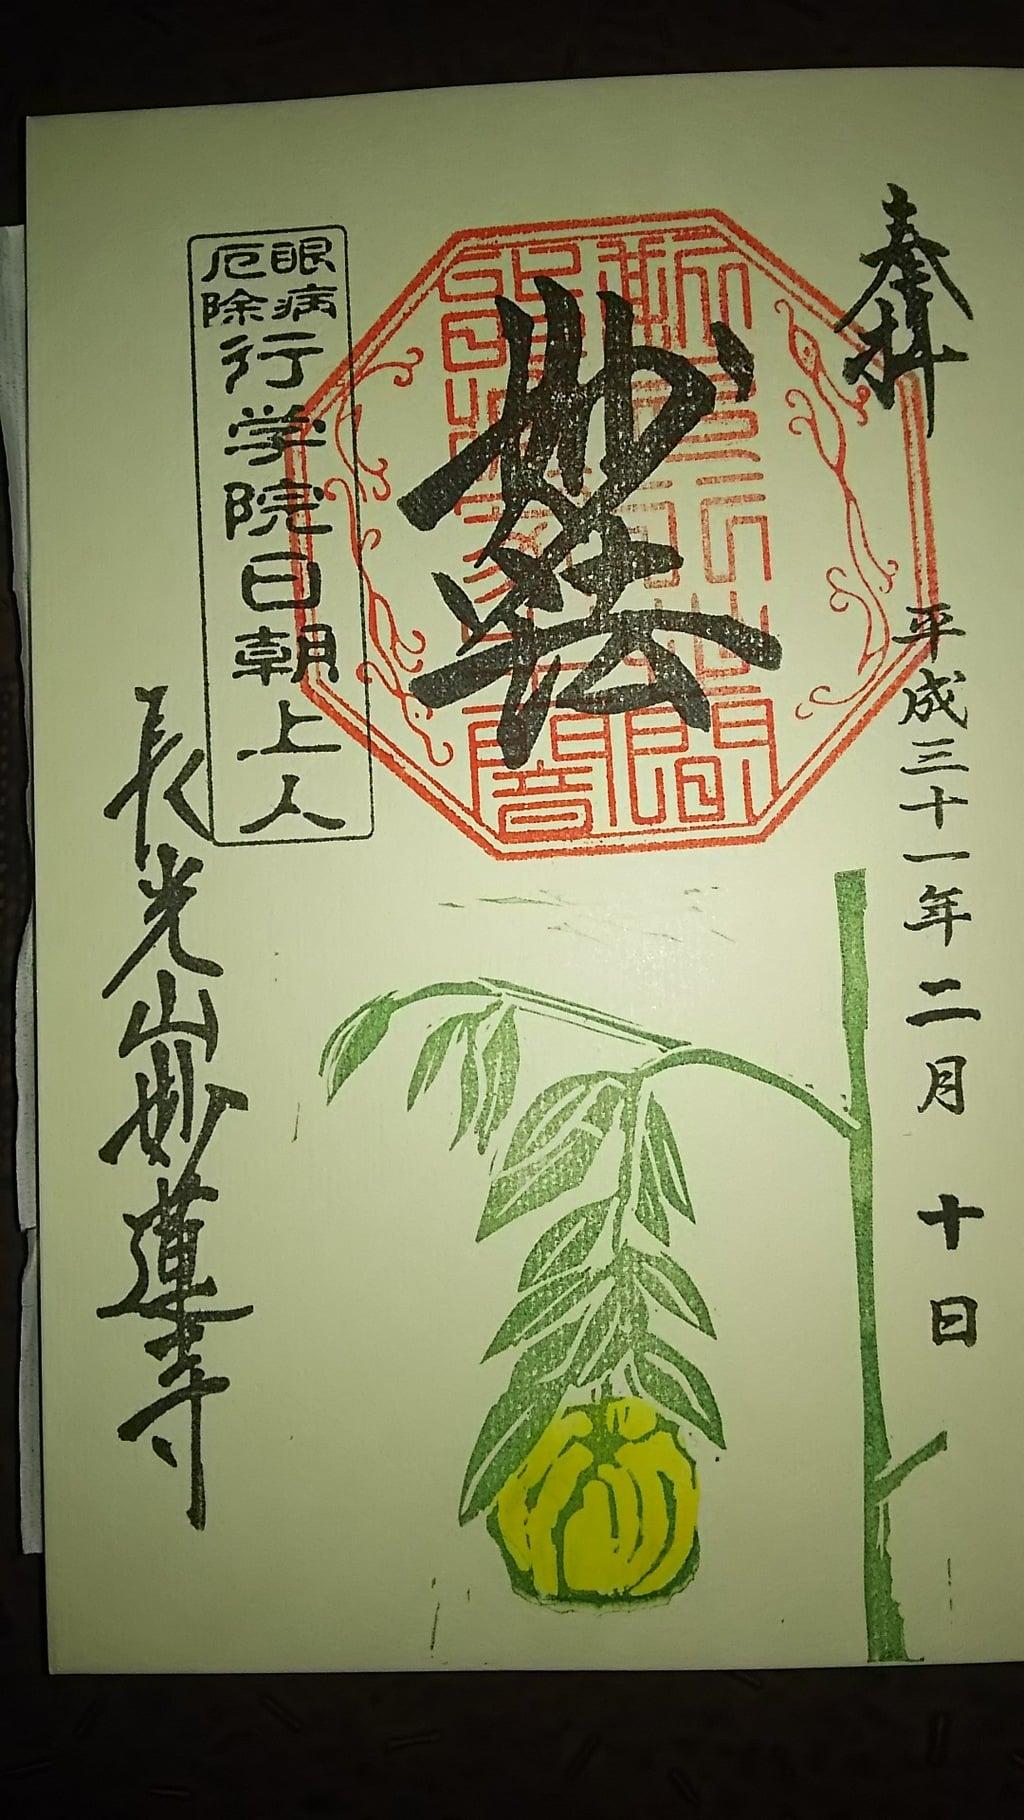 妙蓮寺の御朱印(神奈川県妙蓮寺駅)